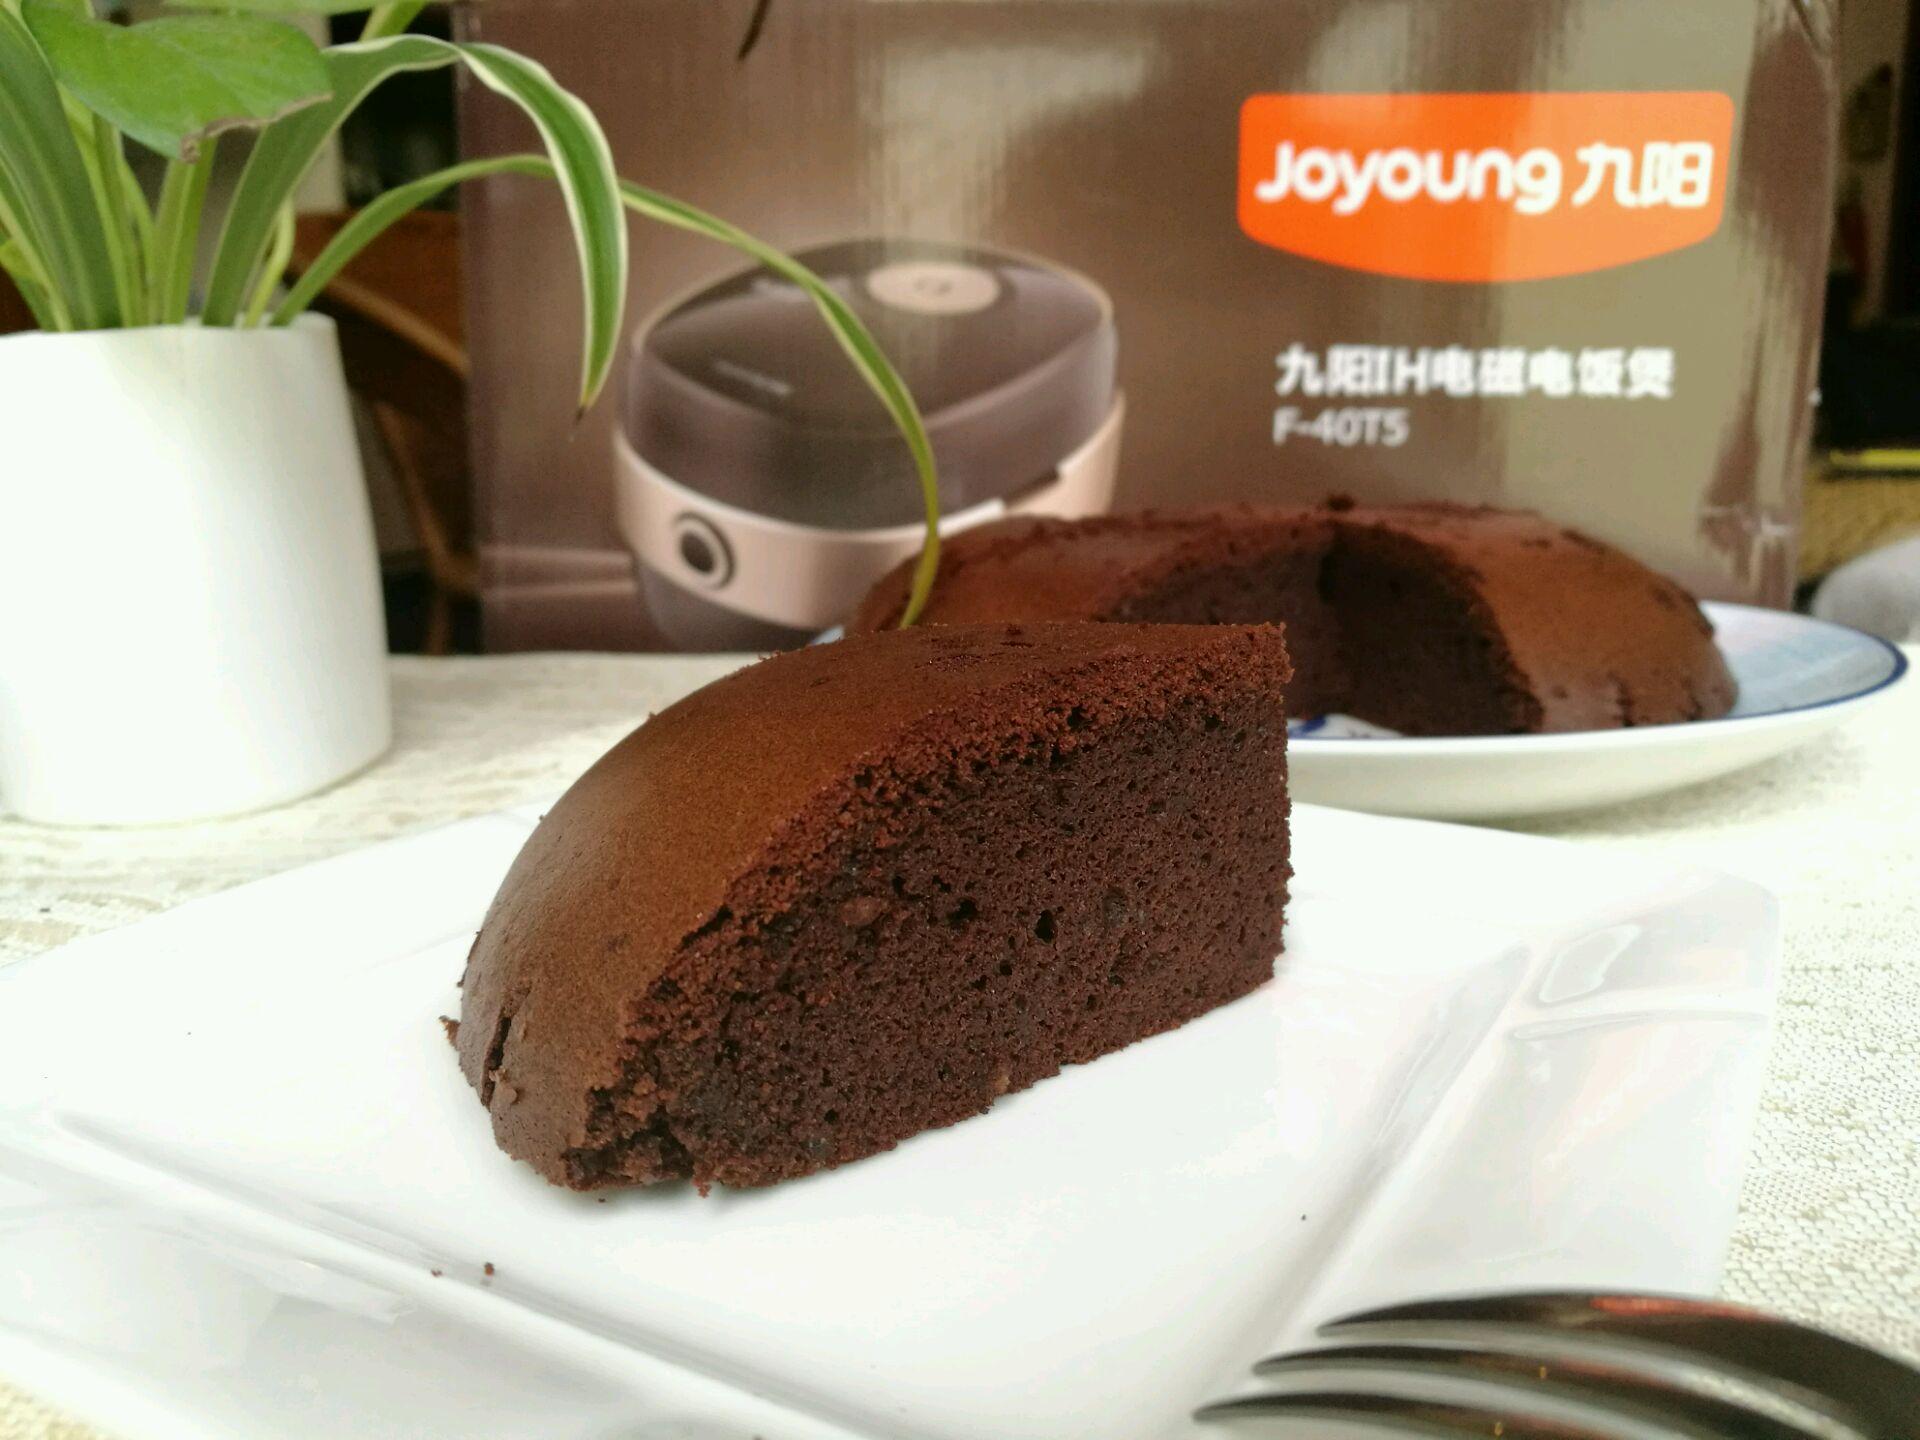 巧克力海绵蛋糕#九阳铁釜3